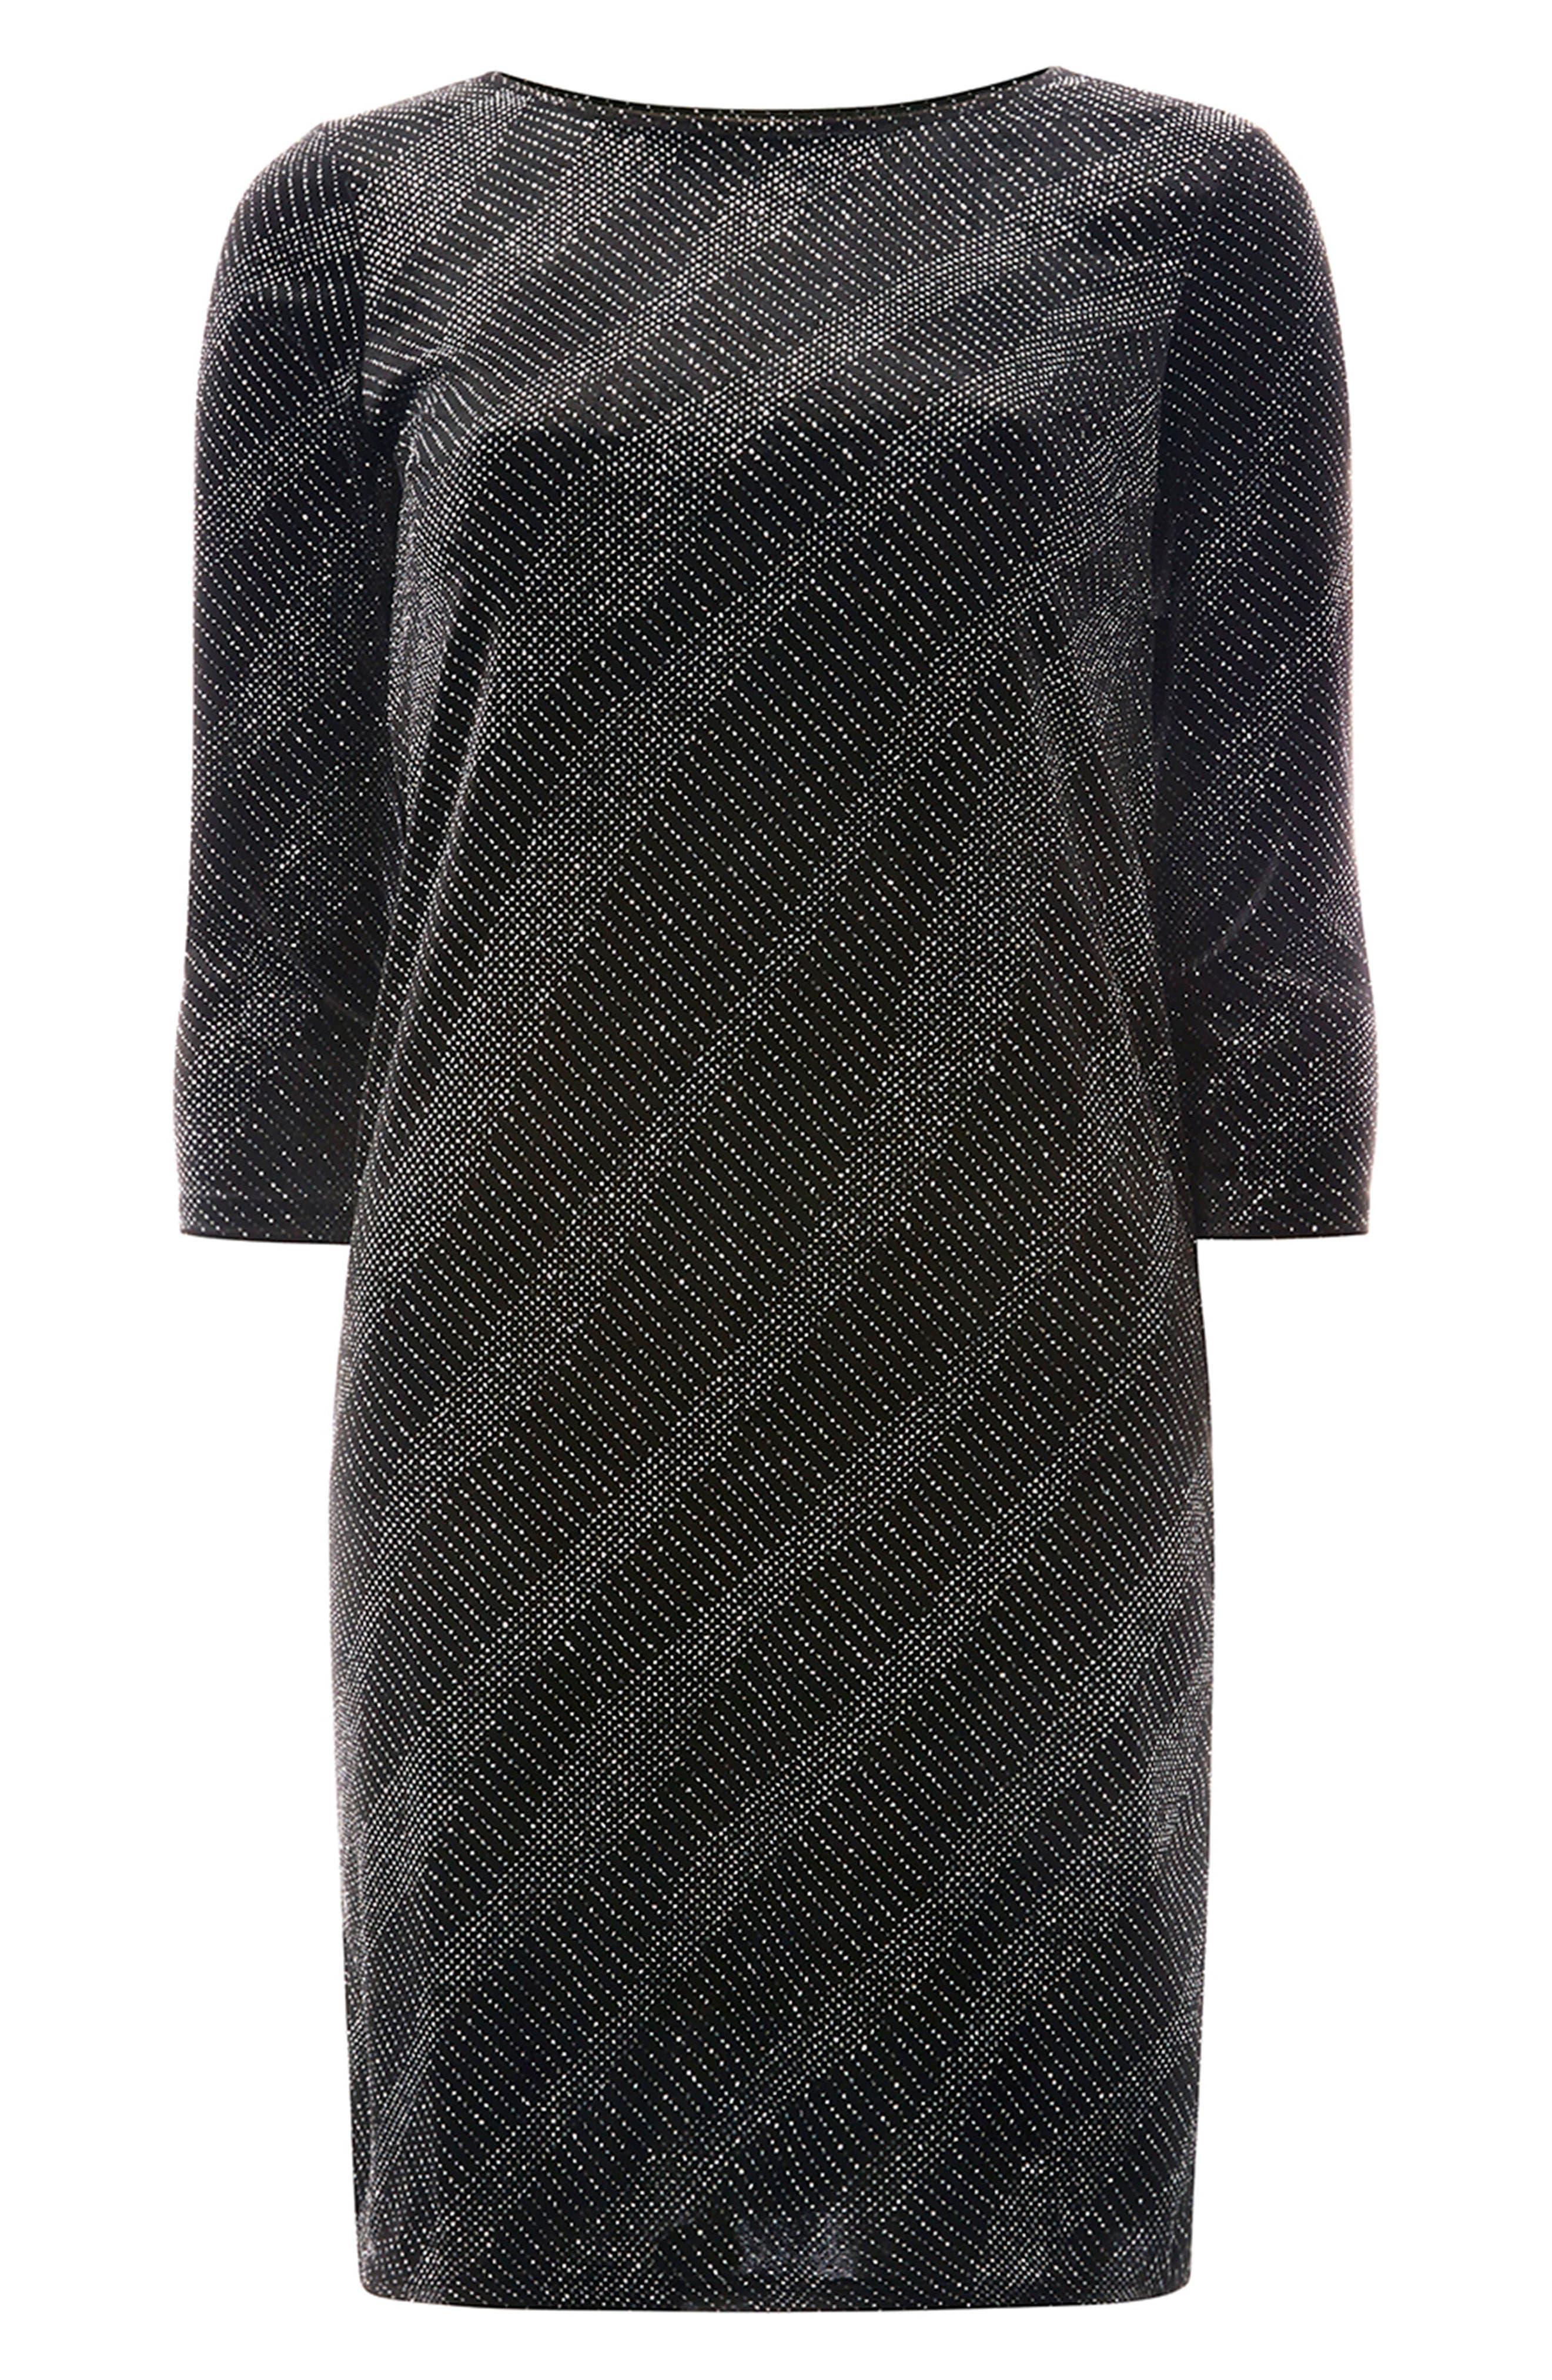 Metallic Shift Dress,                             Alternate thumbnail 5, color,                             Black